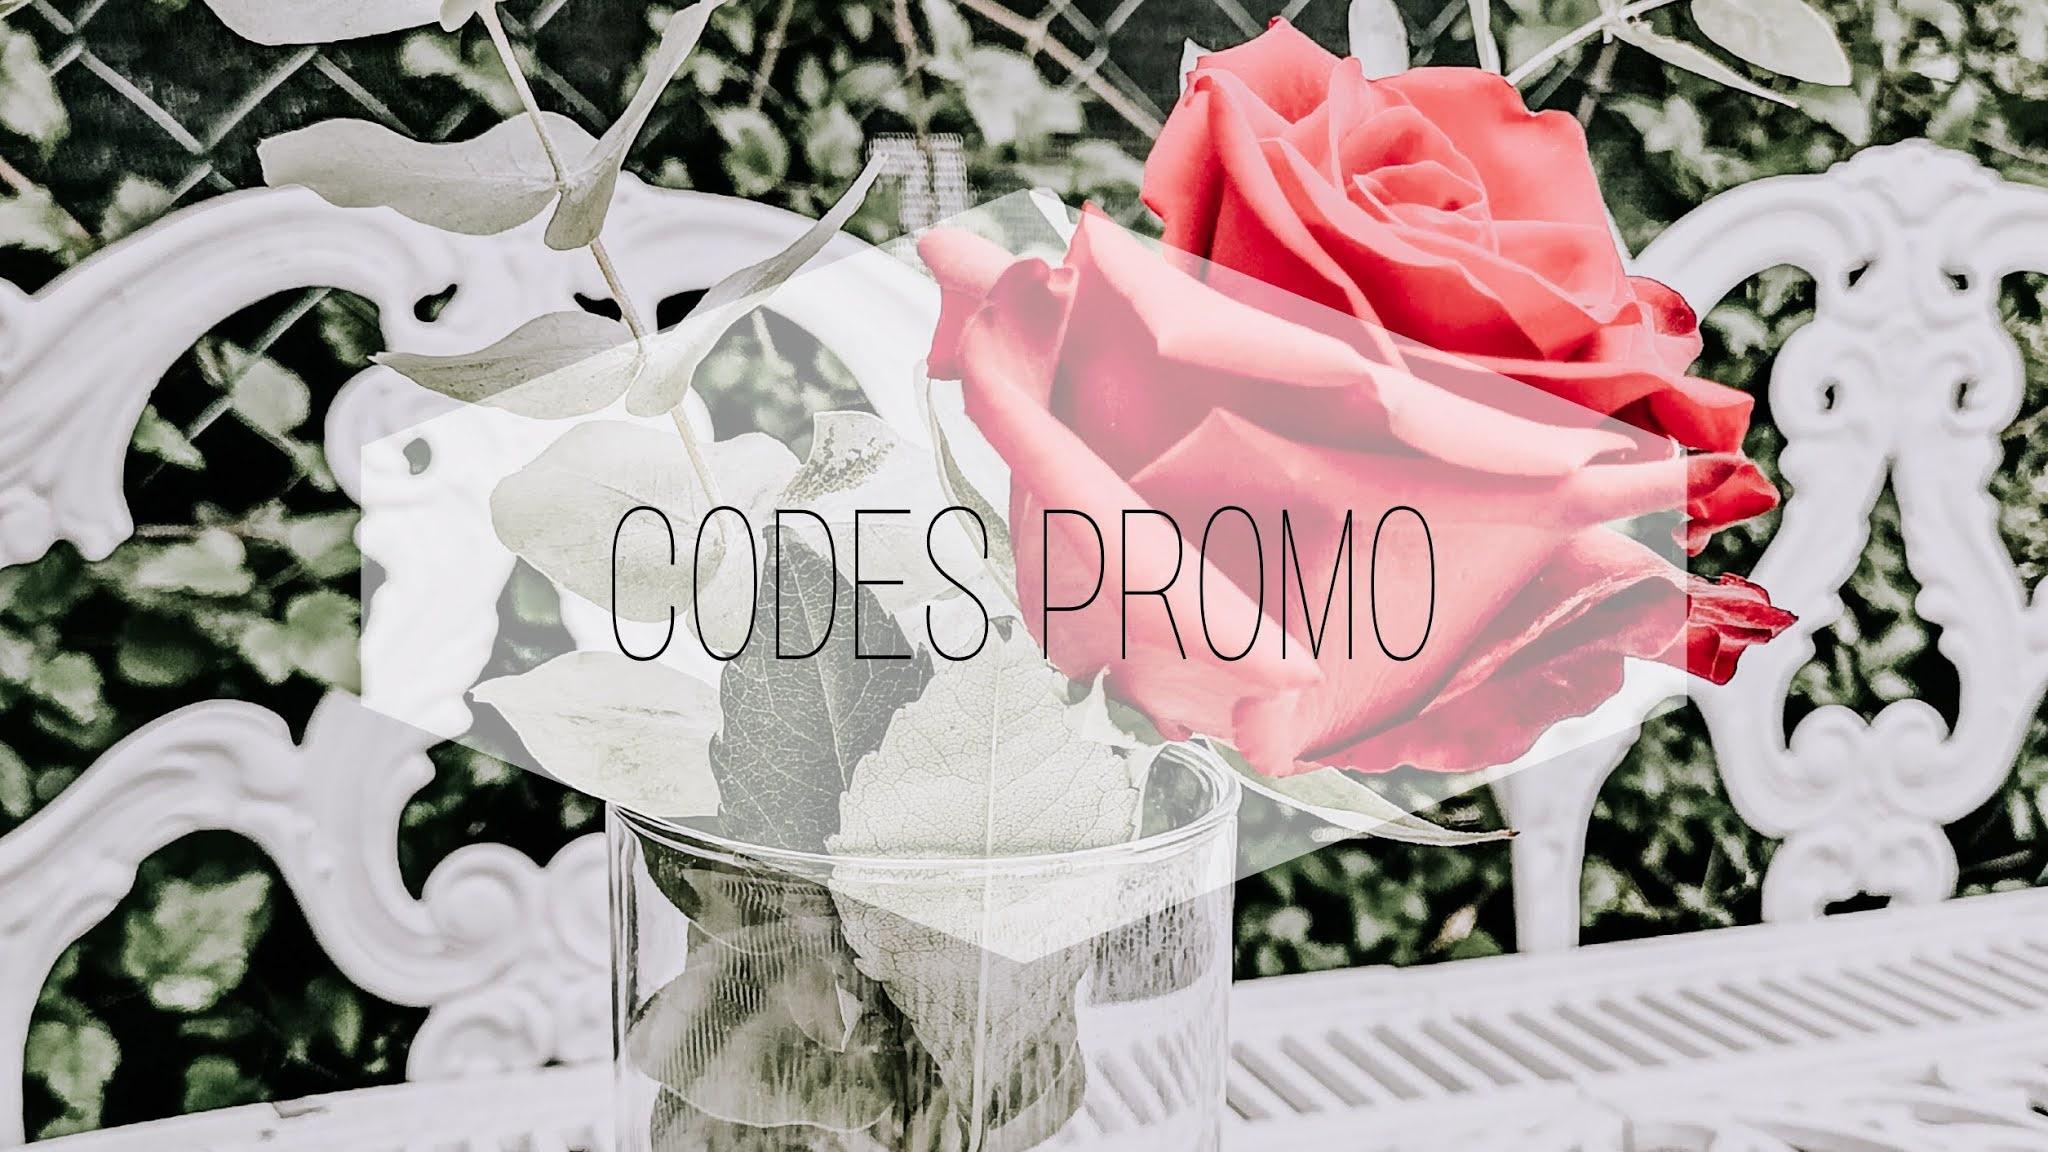 code-promo-bon-plan